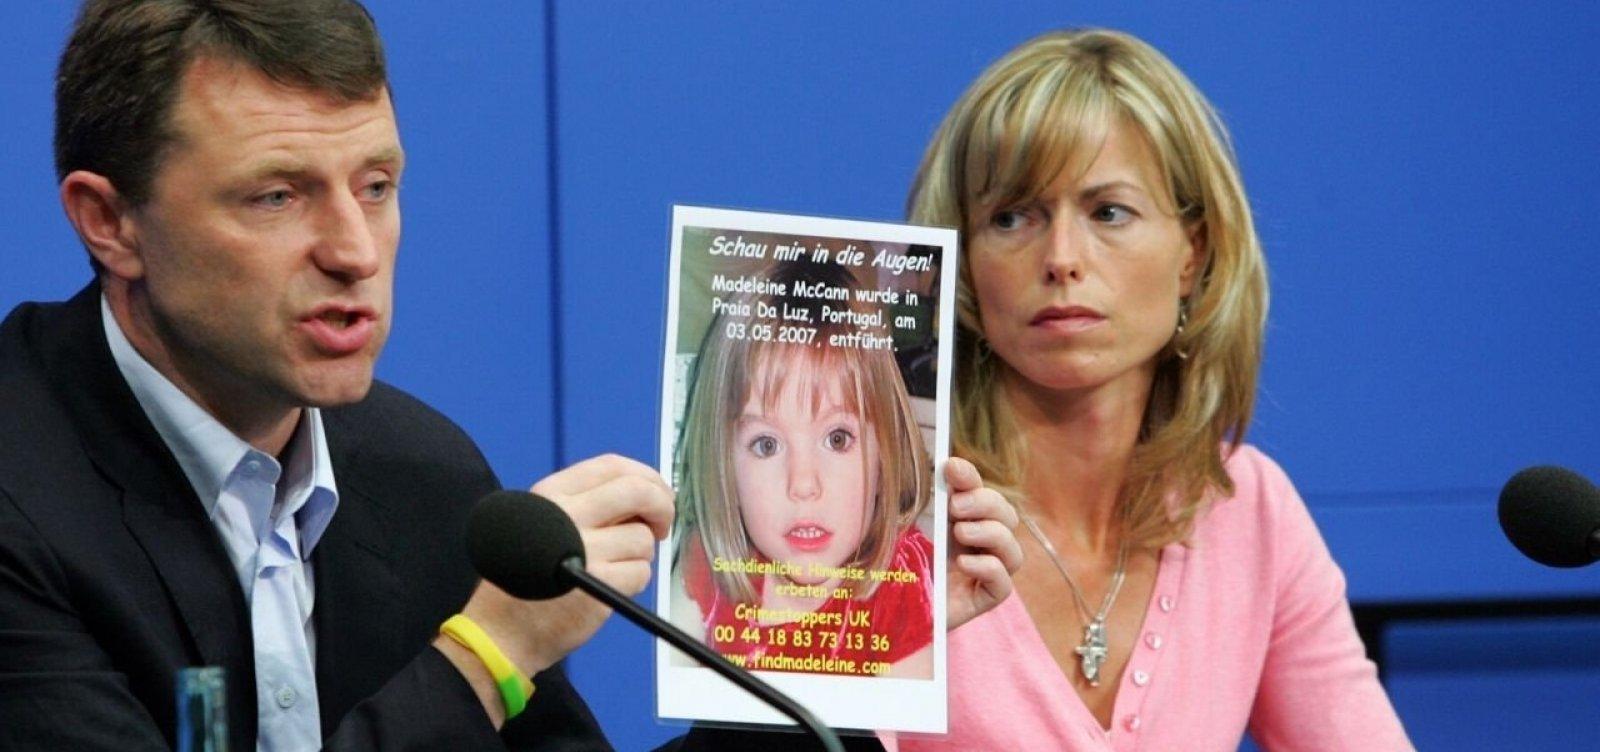 [Caso Madeleine McCann: promotoria diz que há 'prova concreta' de que alemão matou menina]